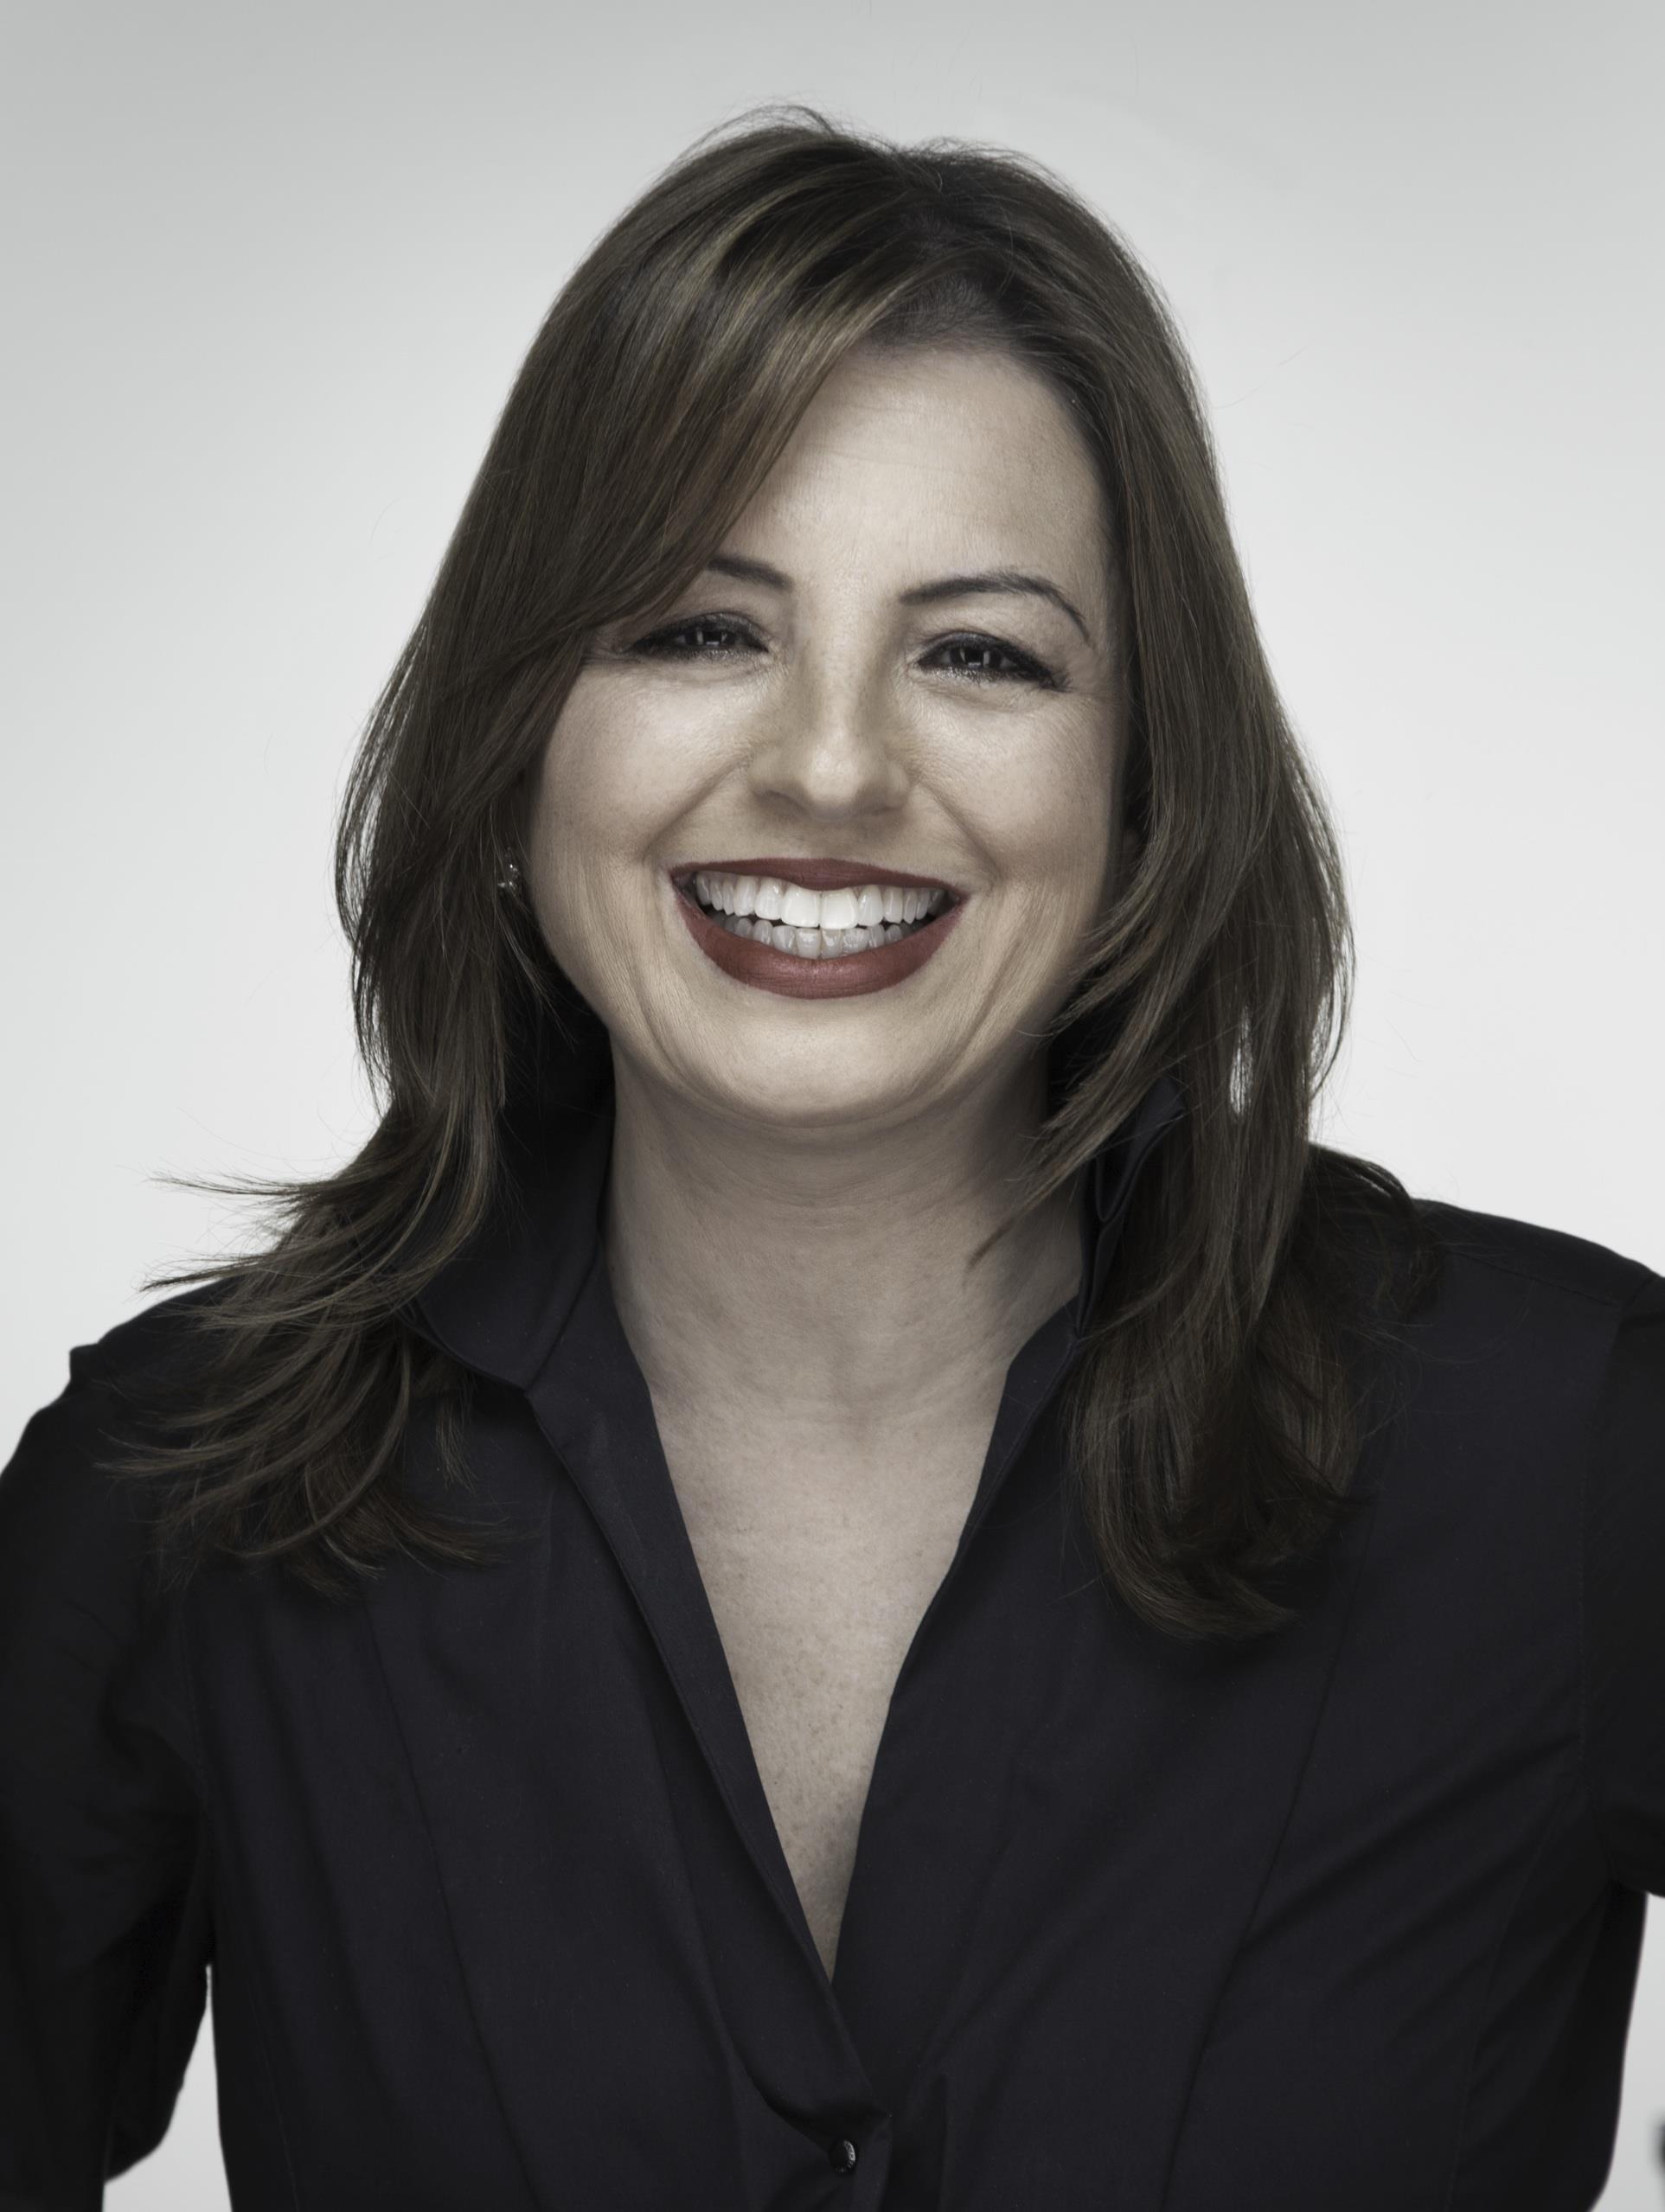 Tina Manikas